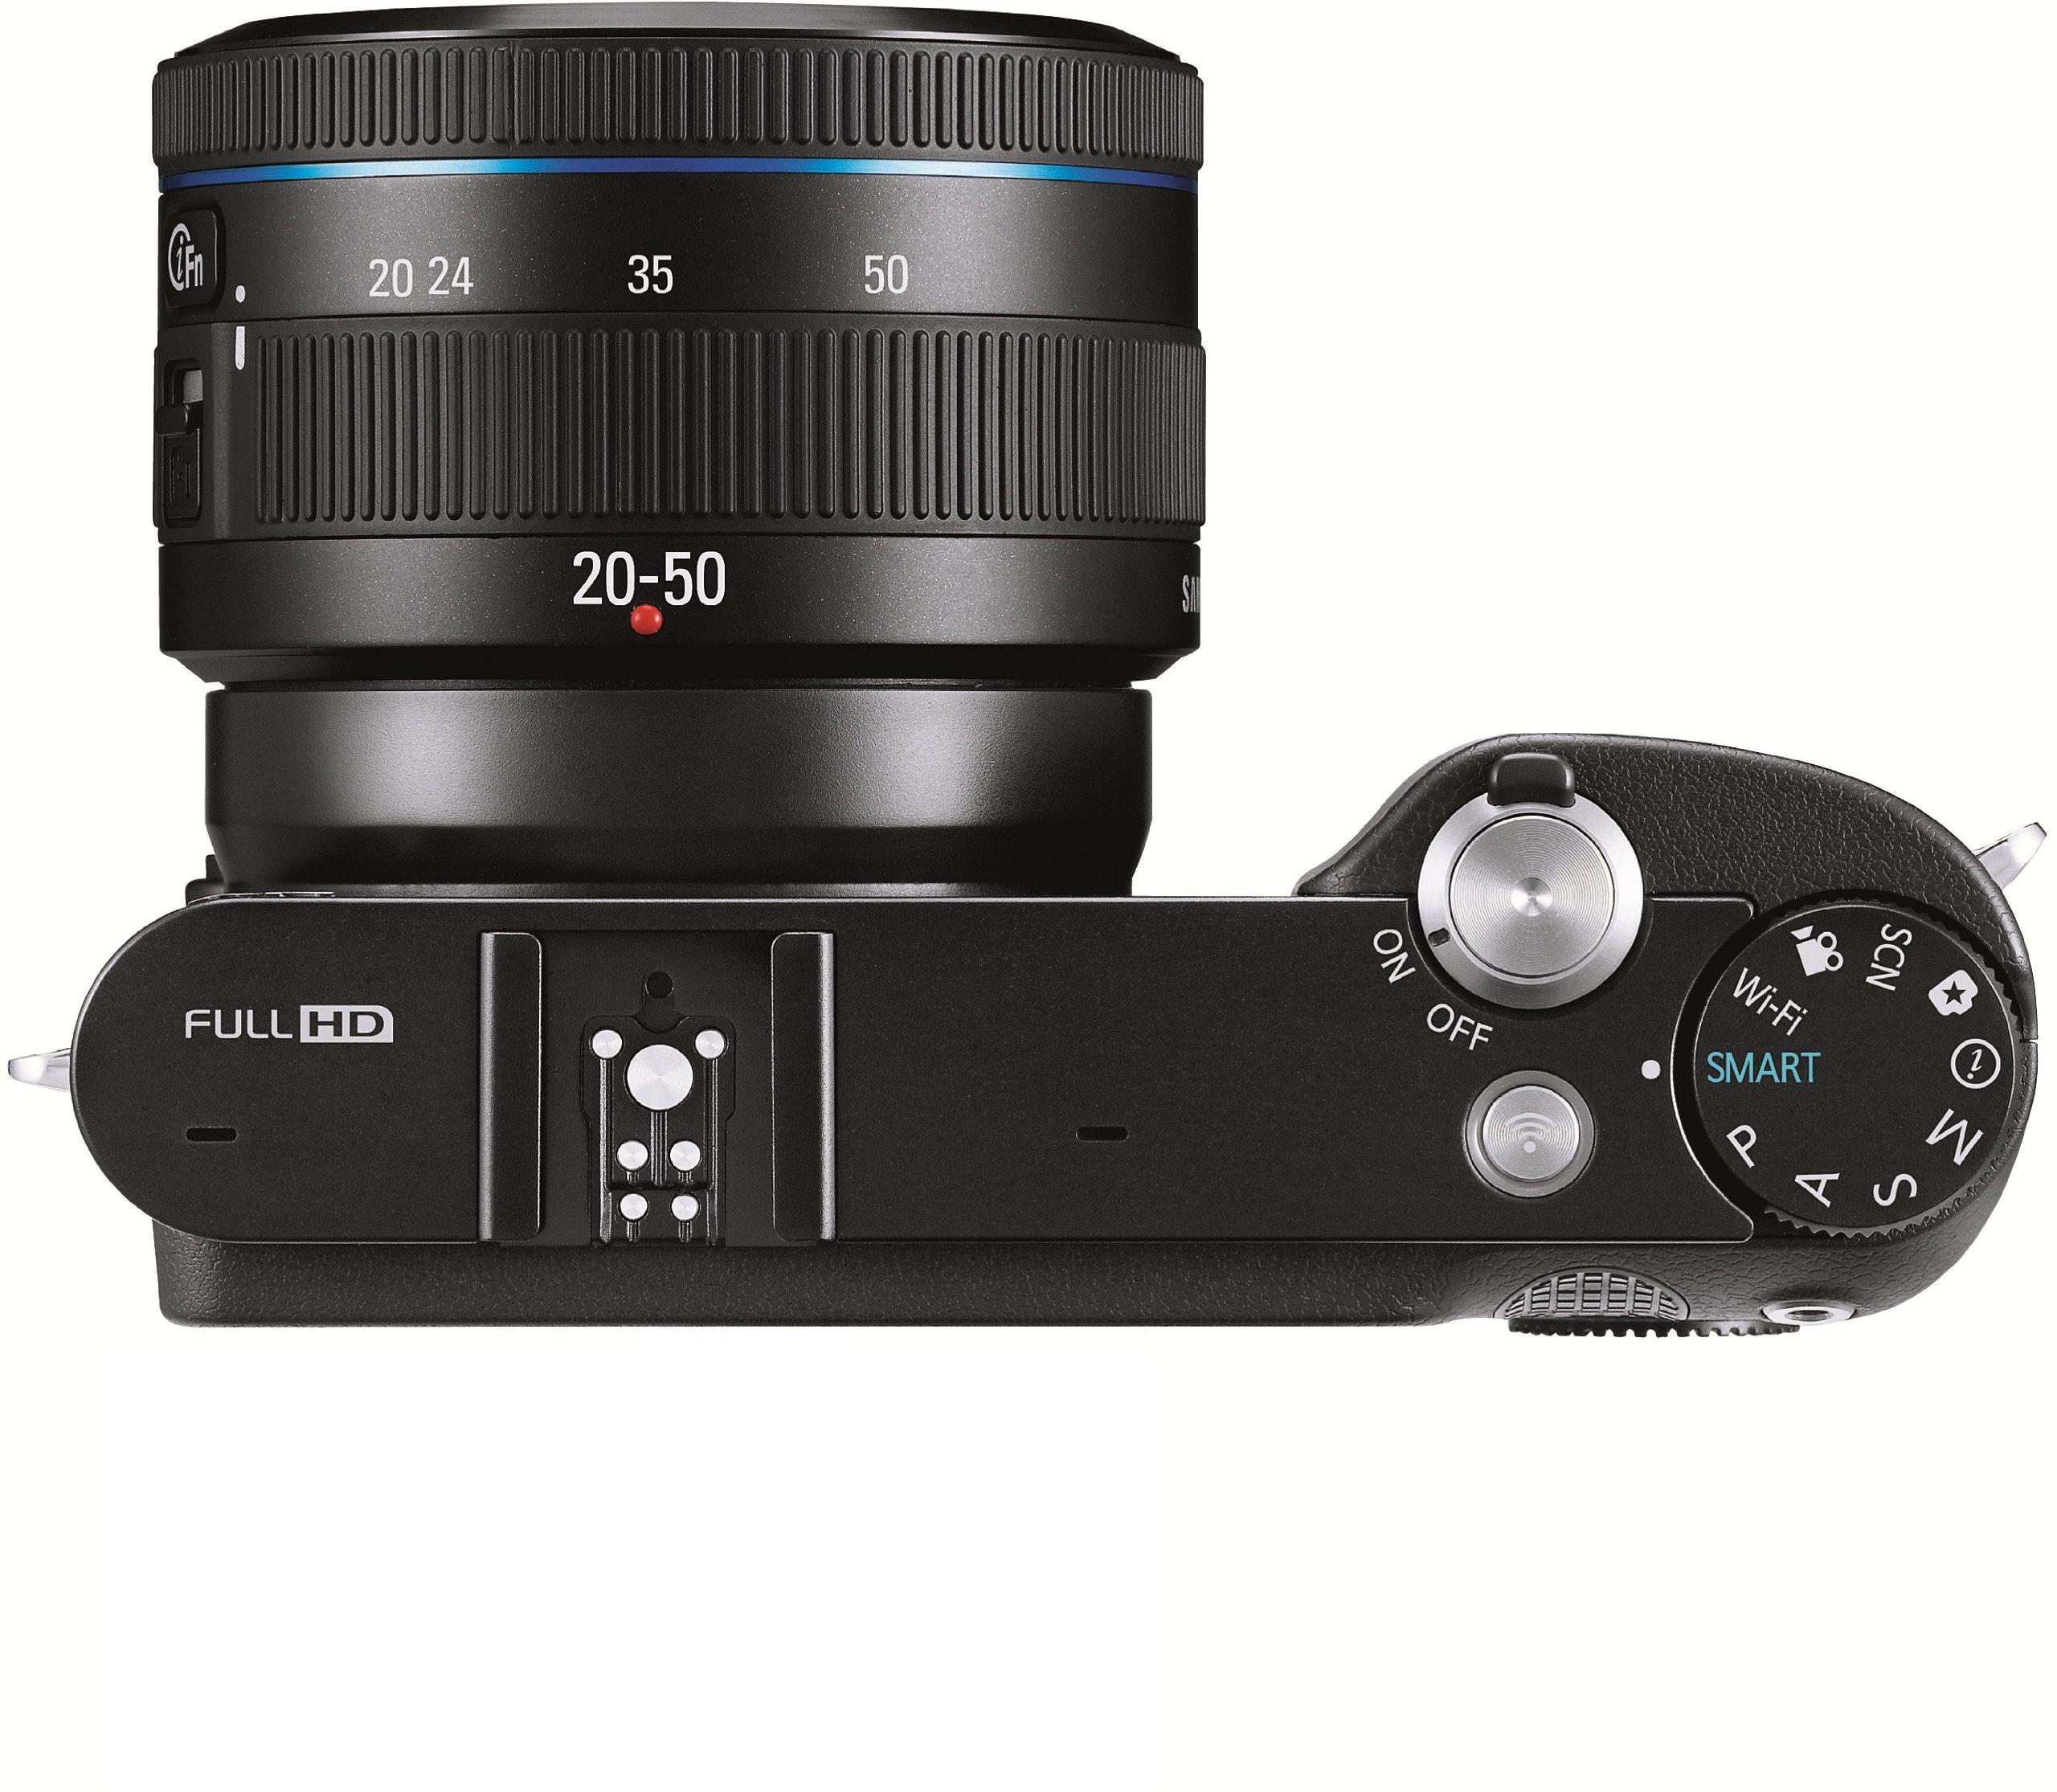 Samsung Cámara NX1000 + Objetivo NX 20-50 mm Negra: Amazon.es ...